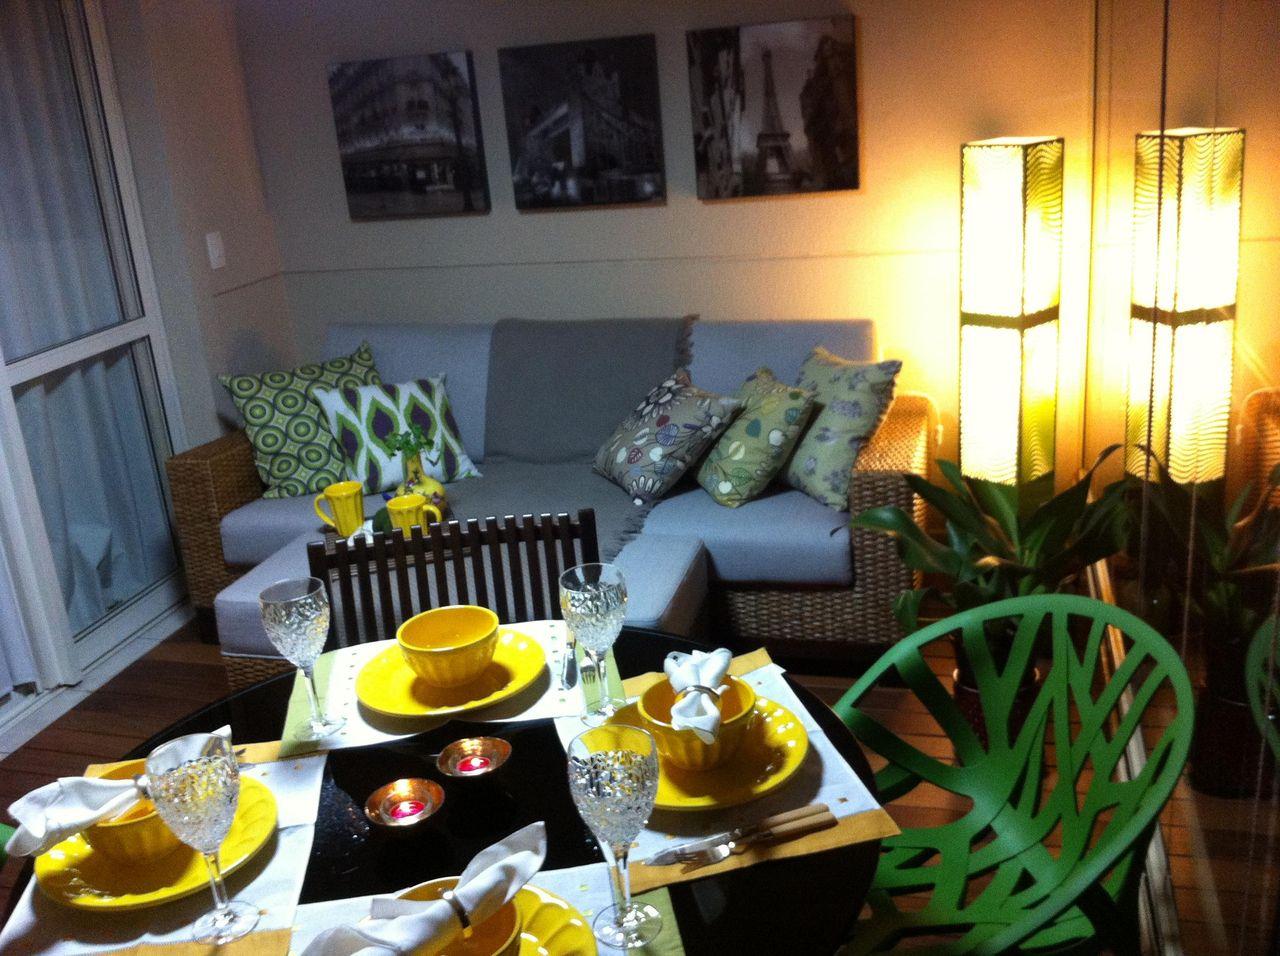 #BBA410 decoração sala de estar sala de estar com quadros 1280x956 píxeis em Decoração Sala De Estar Quadros